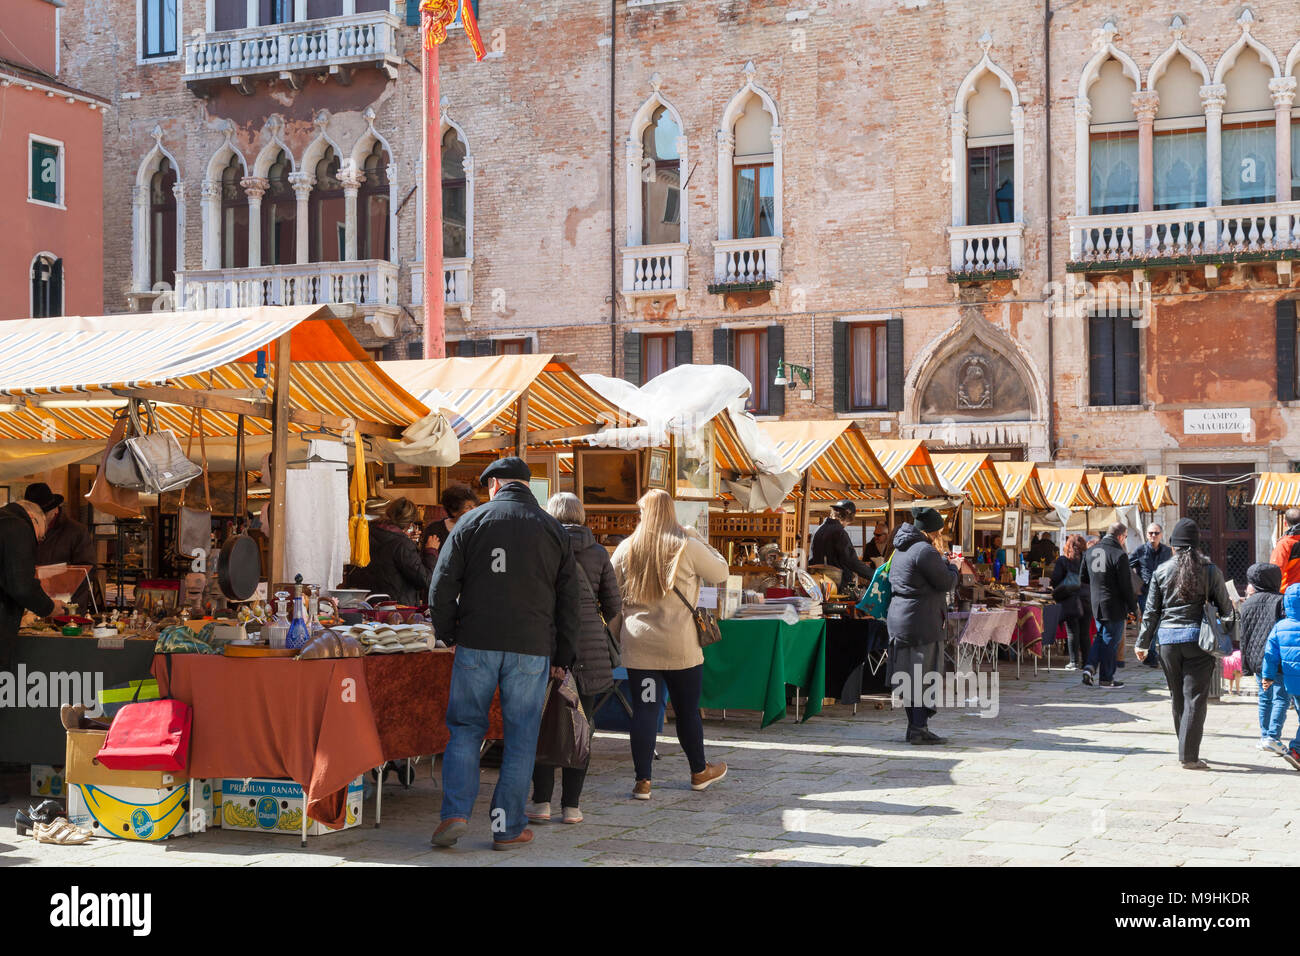 Consommateurs à la recherche de vos accessoires au marché d'antiquités dans le Campo San Maurizio, San Marco, Venise, Italie, un événement de trois jours qui a eu lieu cinq fois par année Photo Stock